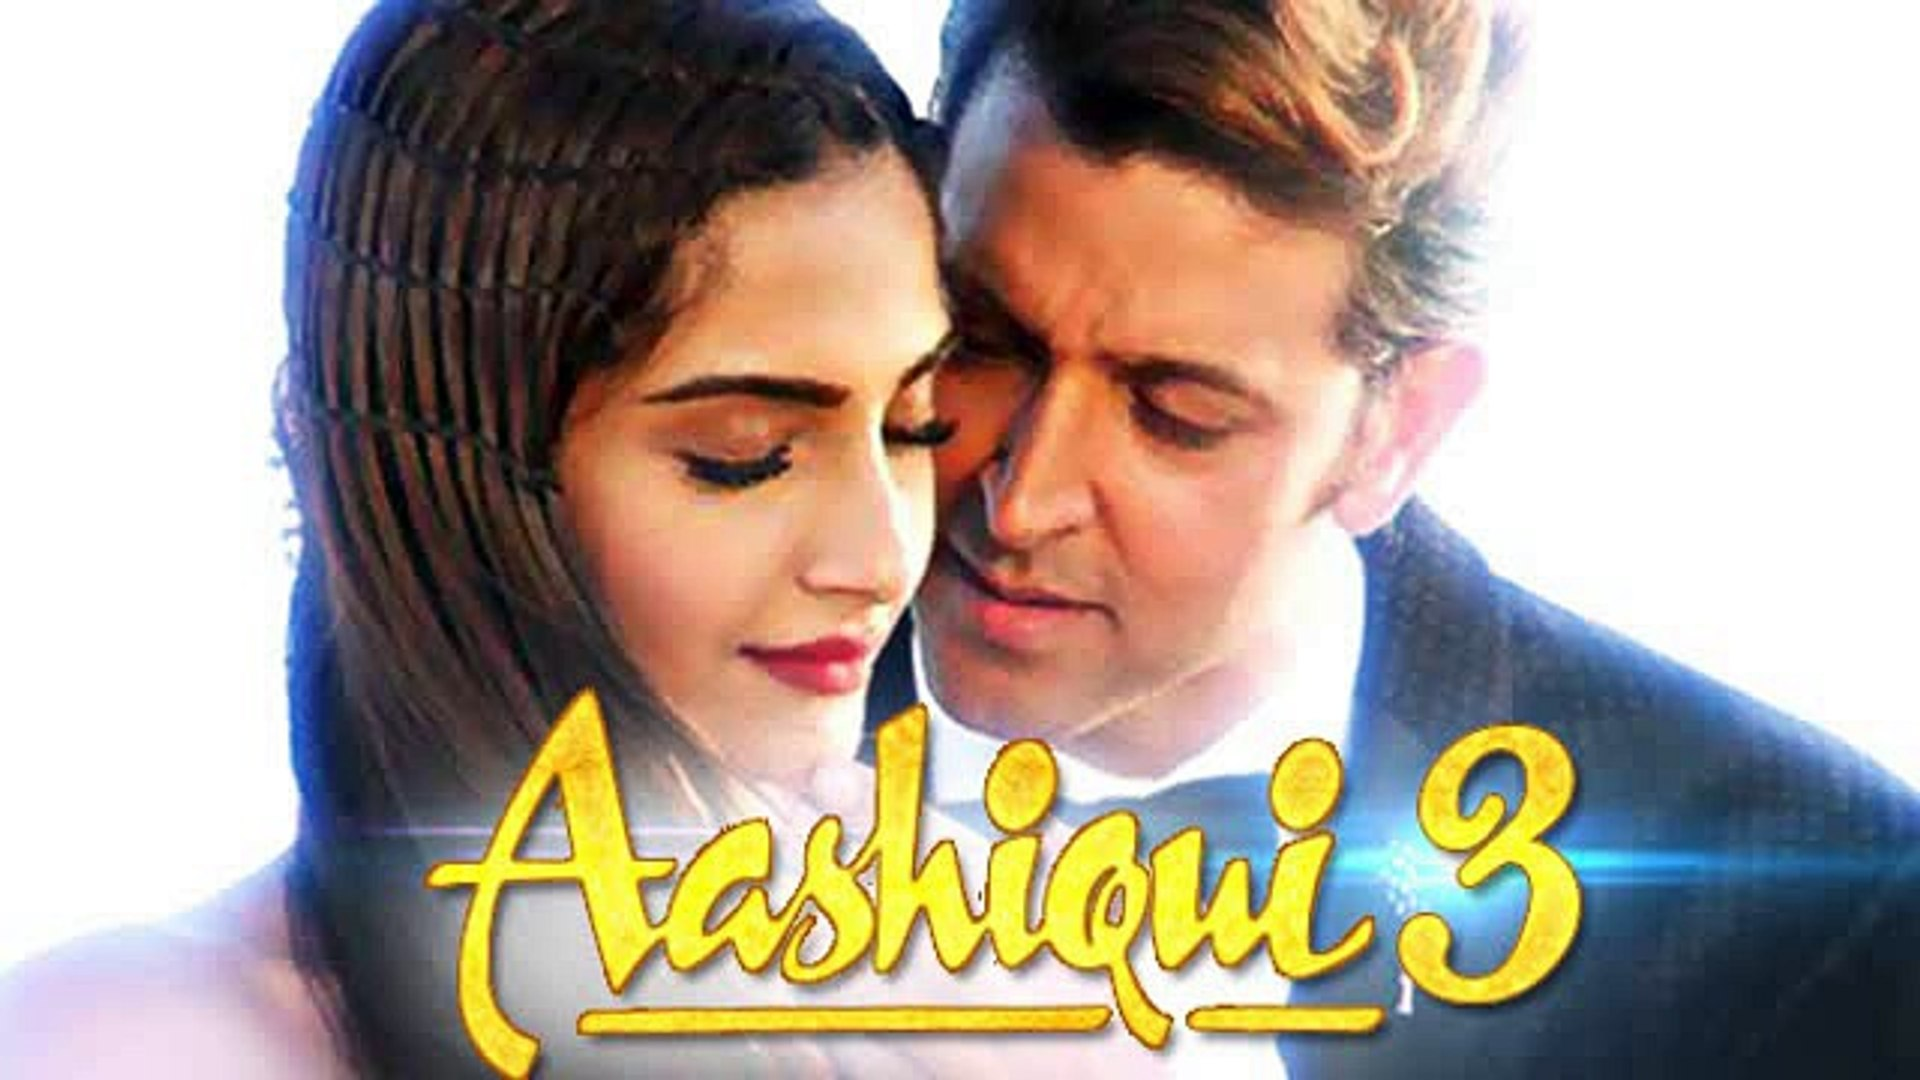 Aashiqui 3 leaked Full song Tere Bina Mein Arijit Singh 2016 top songs best songs new songs upcoming